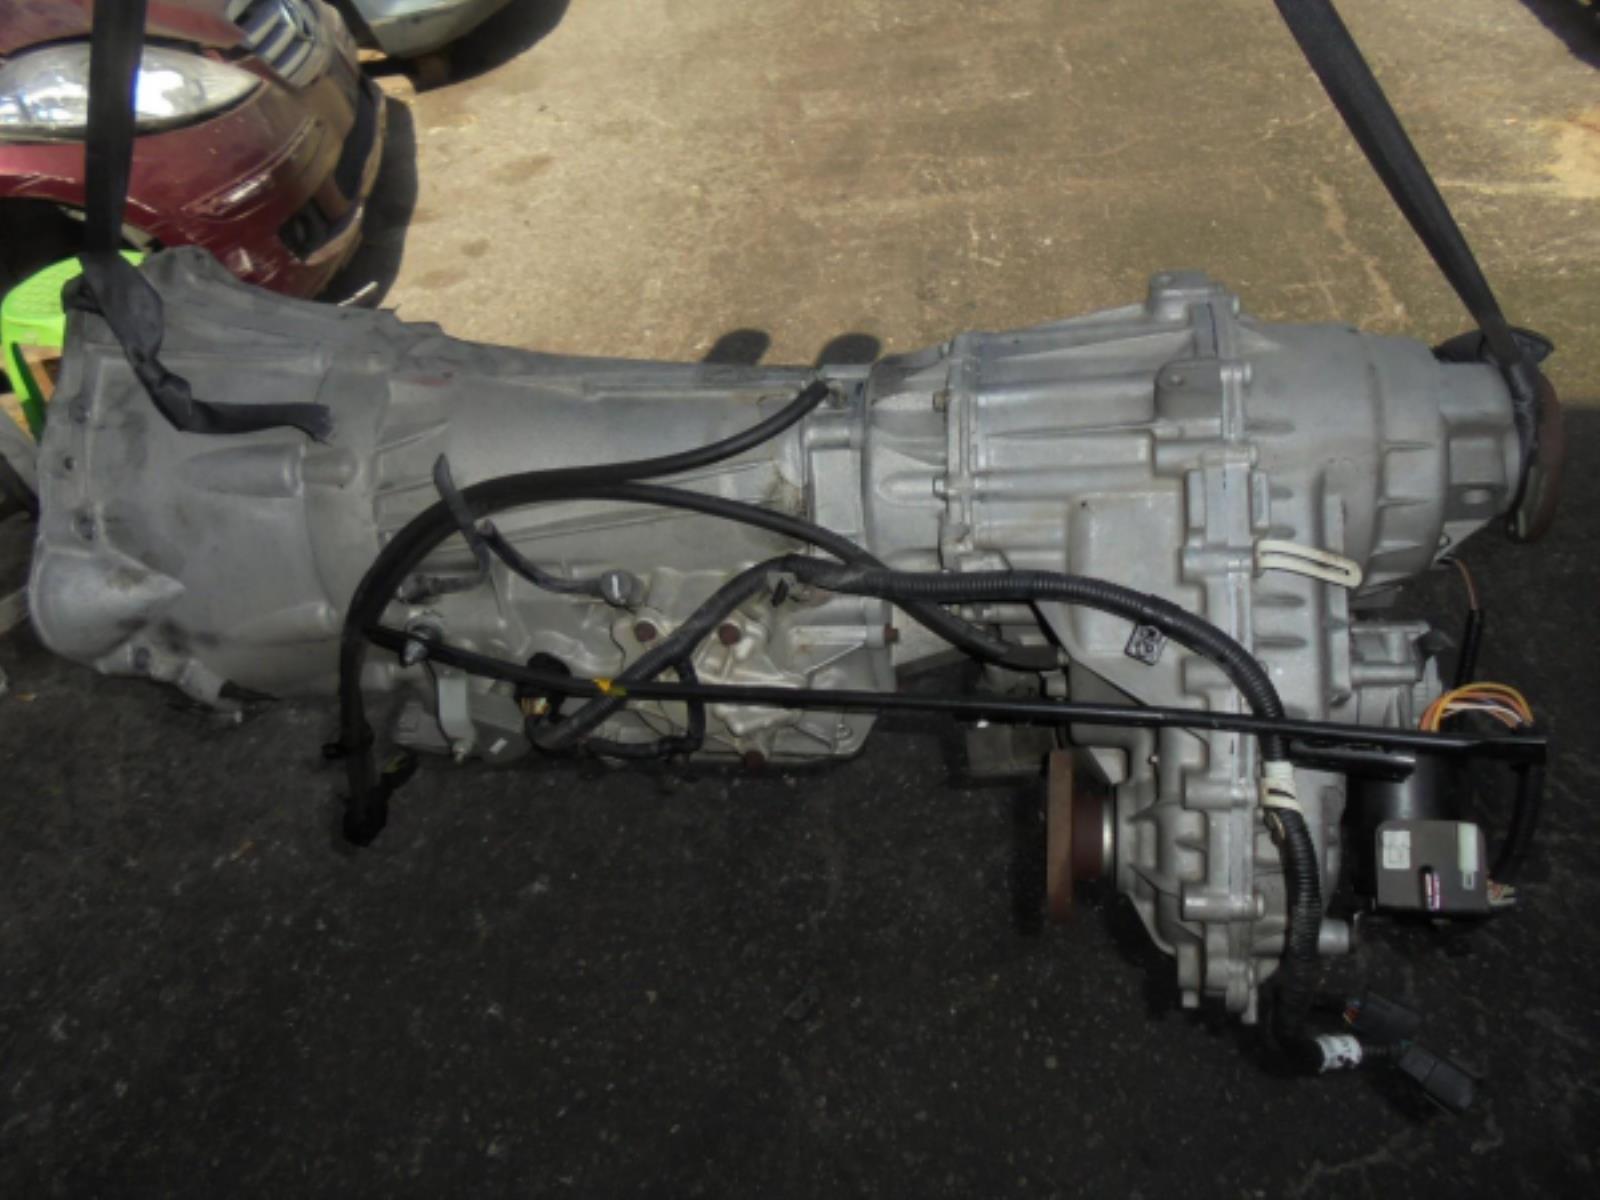 Εικόνα από Σασμάν 4WD  Αυτόματο  SSANGYONG KYRON (2009-2014) 2000cc    και βοηθητικό Turbo Diesel